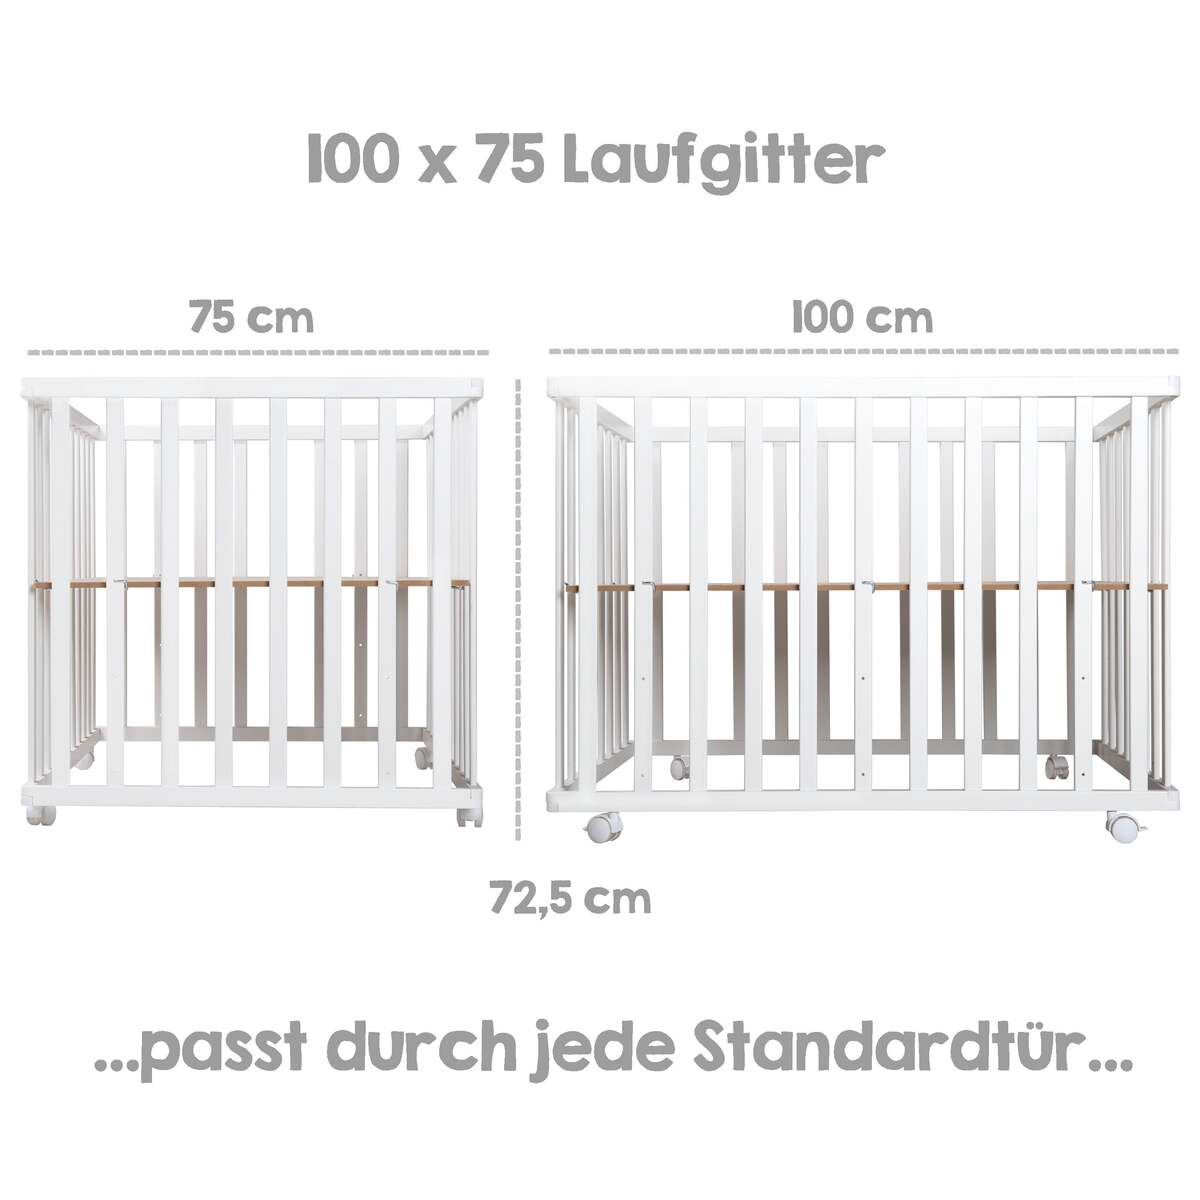 Bild 3 von roba 4-eckiges Laufgitter Style grau, weiß lackiert